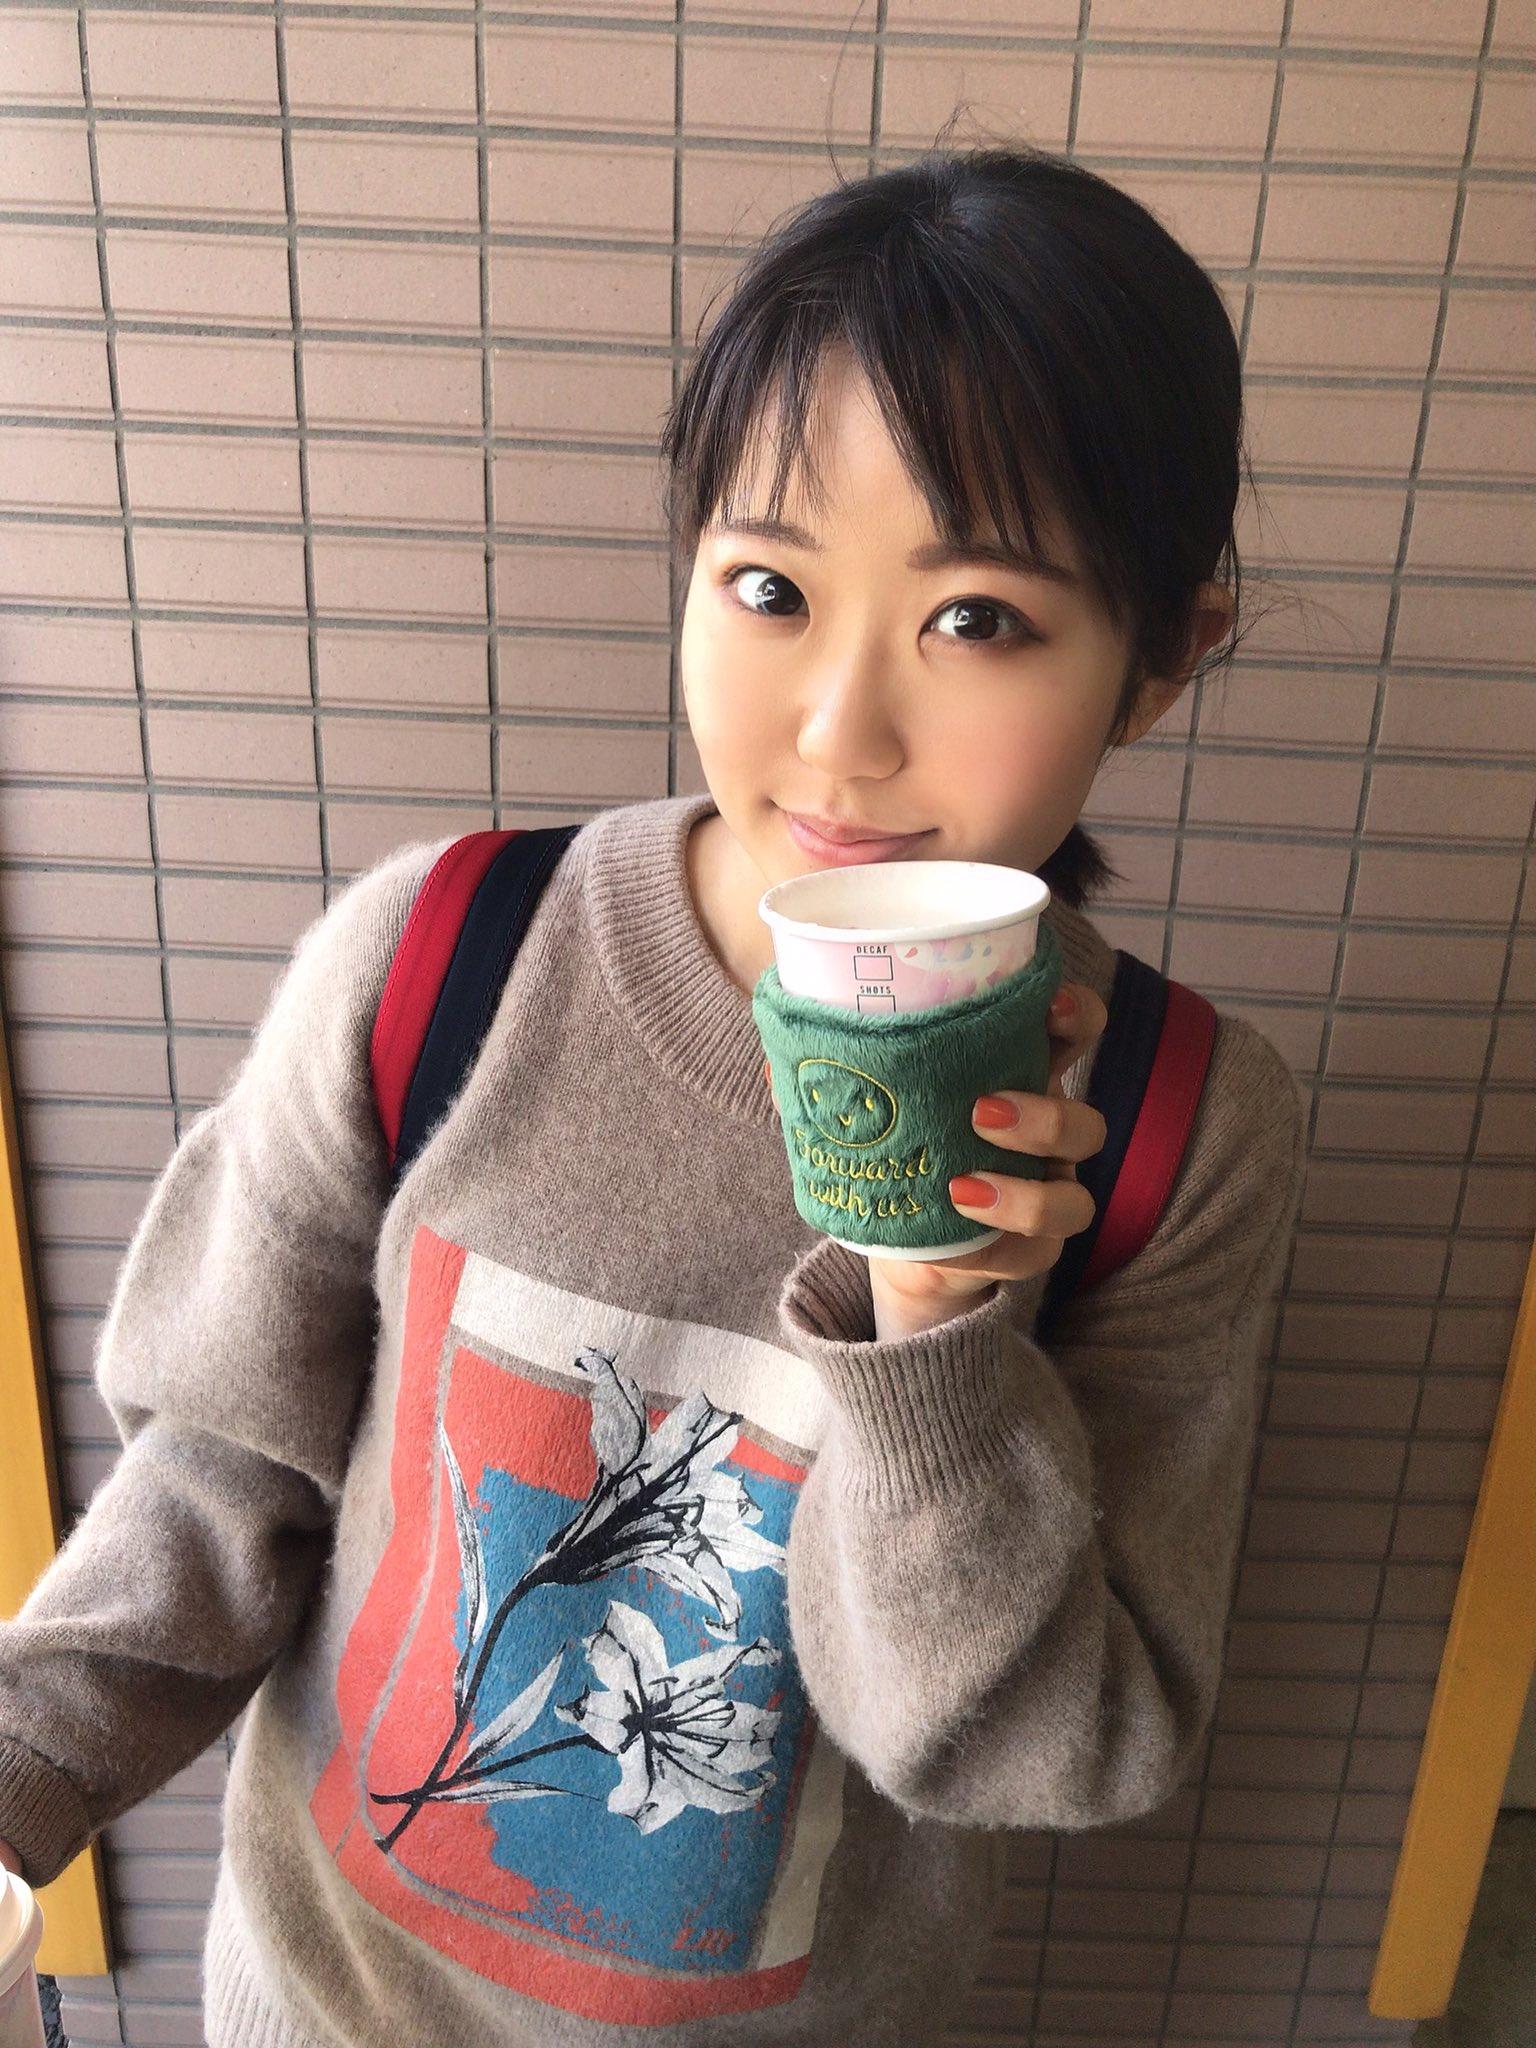 【画像】最新の東山奈央さん、可愛い